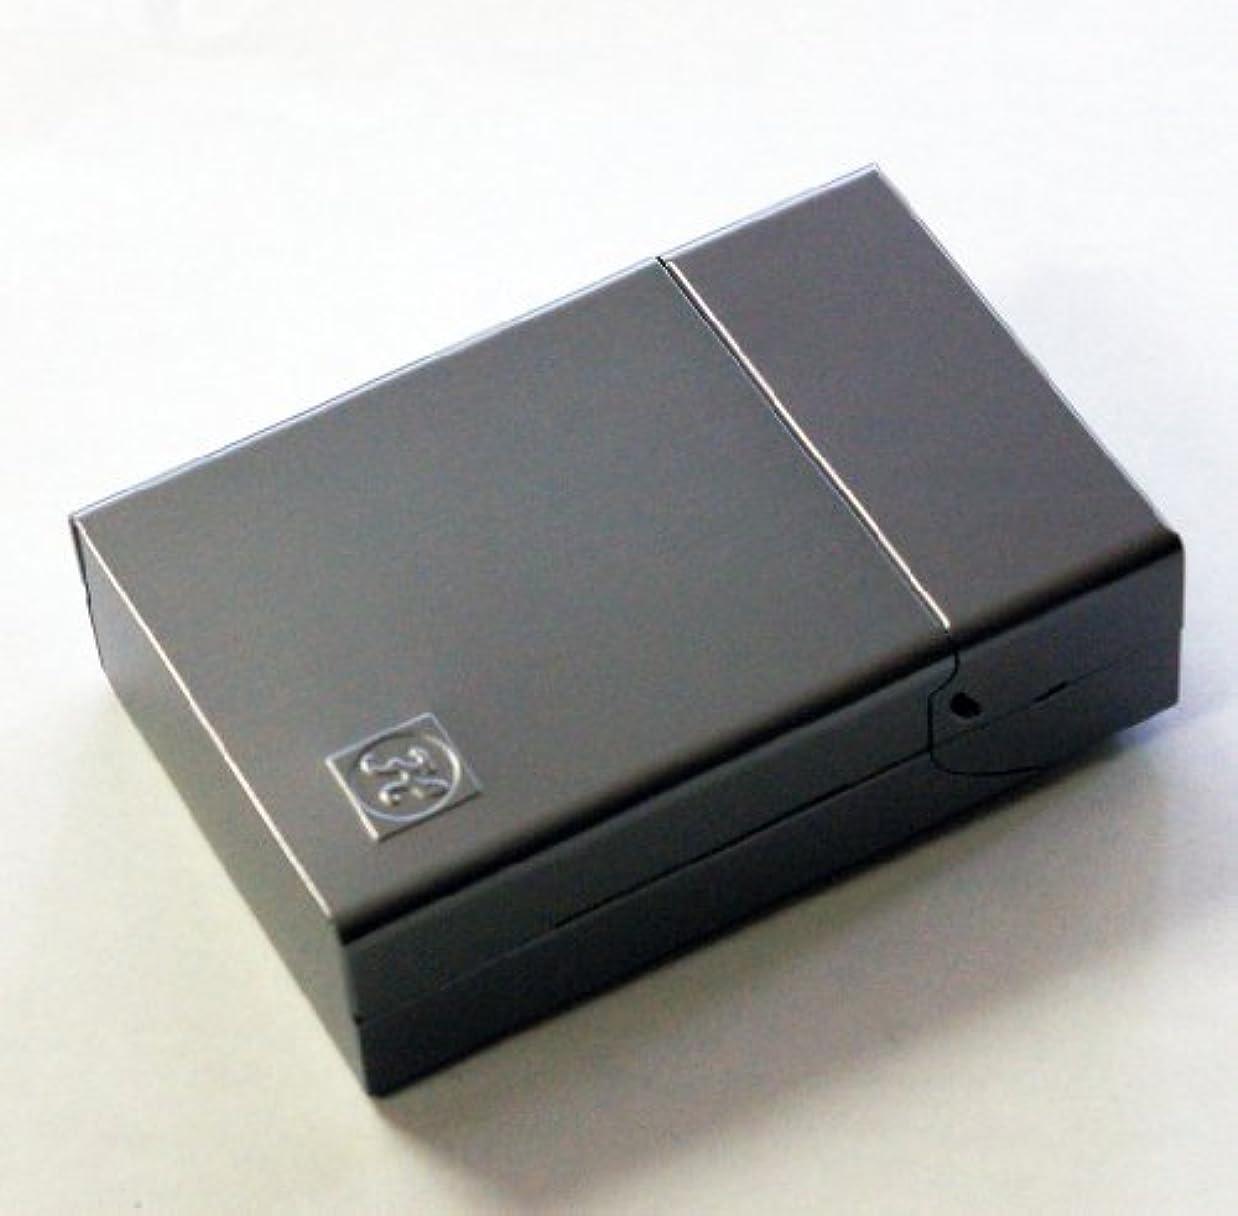 数リラックスした器具シガレットケース テクト CIGARETTE PROTECTION TECT ボックスごと収納できる!! (シルバー)